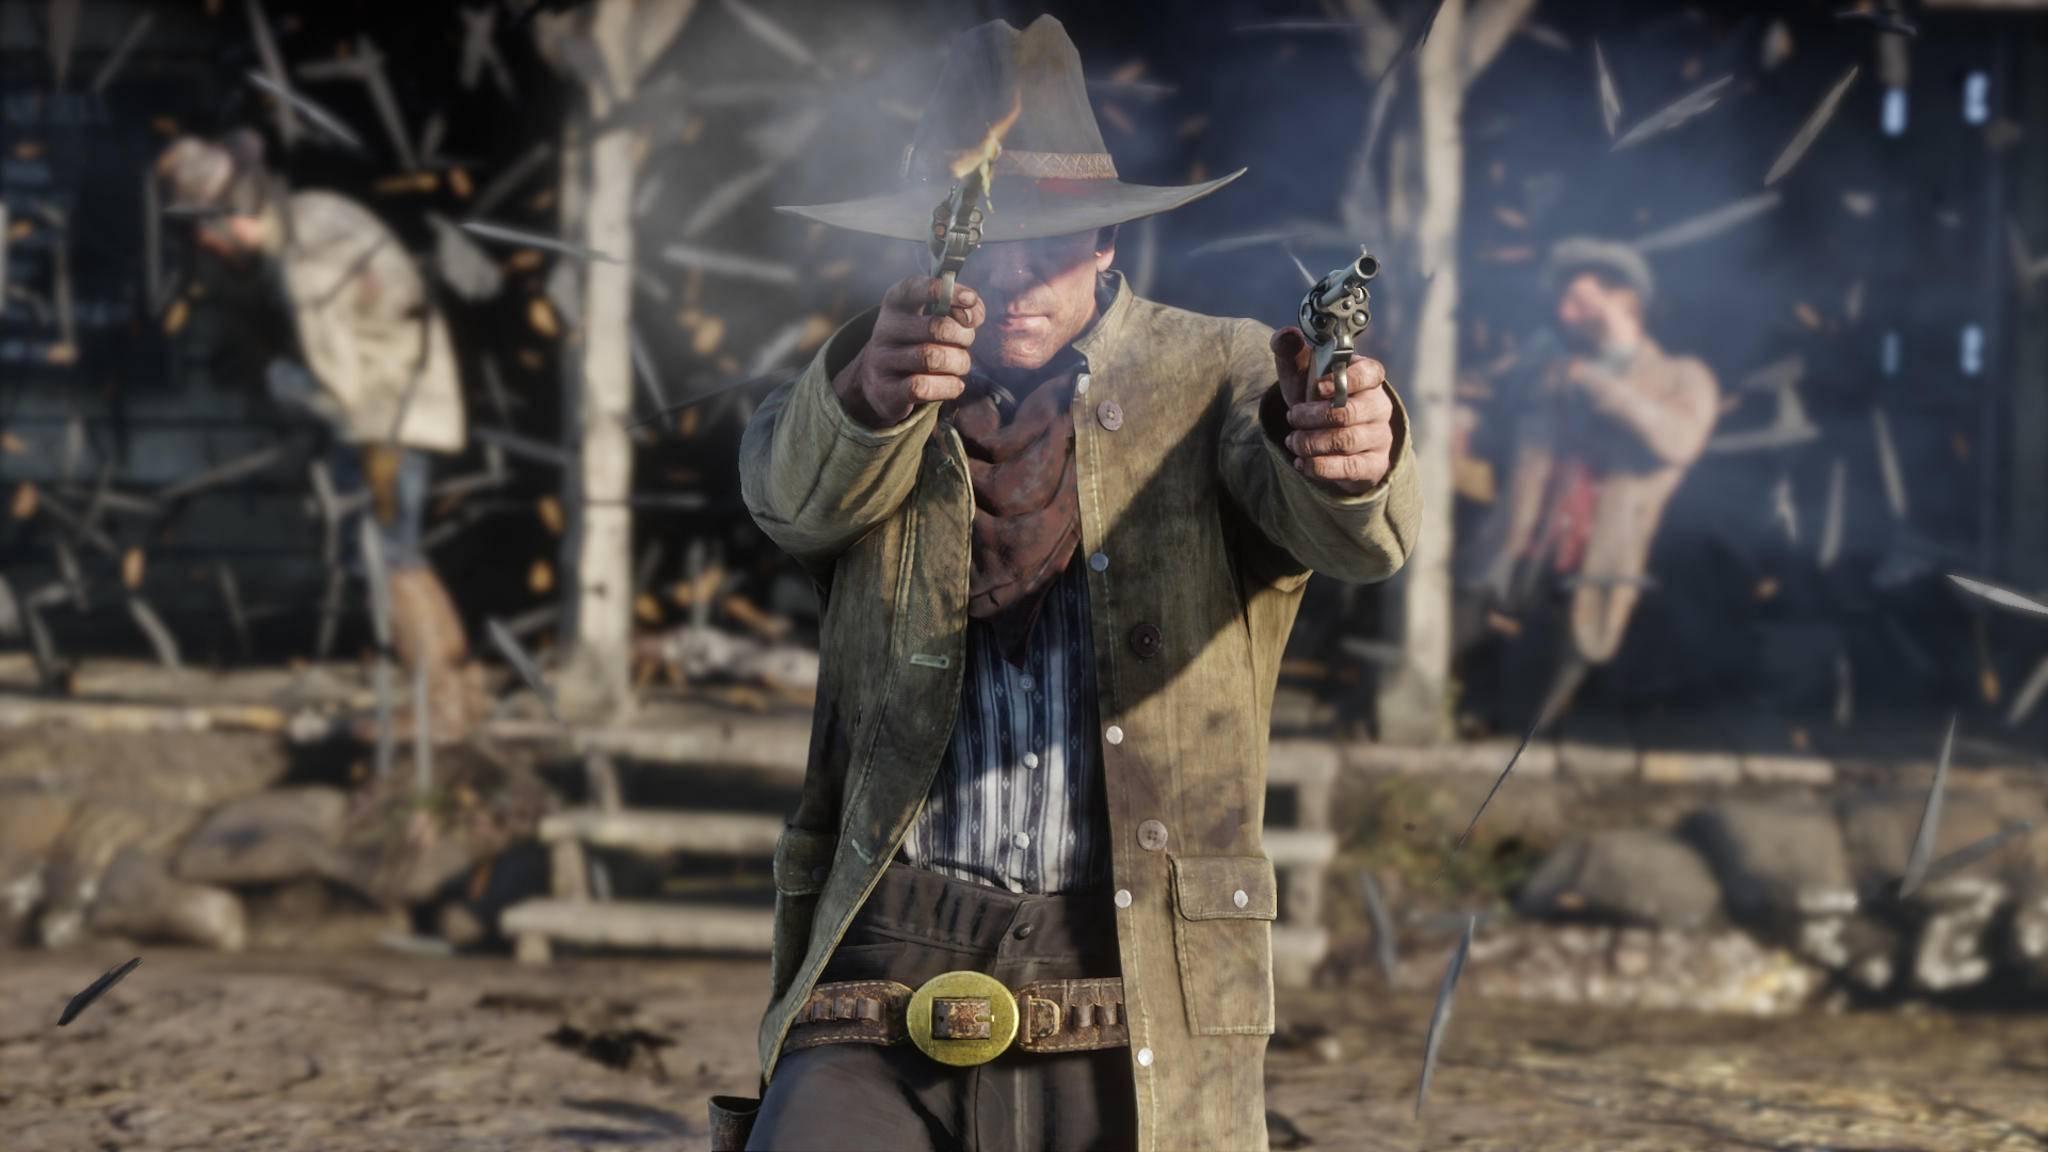 """Da kann man schonmal aus der Haut fahren: """"Red Dead Redemption"""" wird schon wieder verschoben!"""